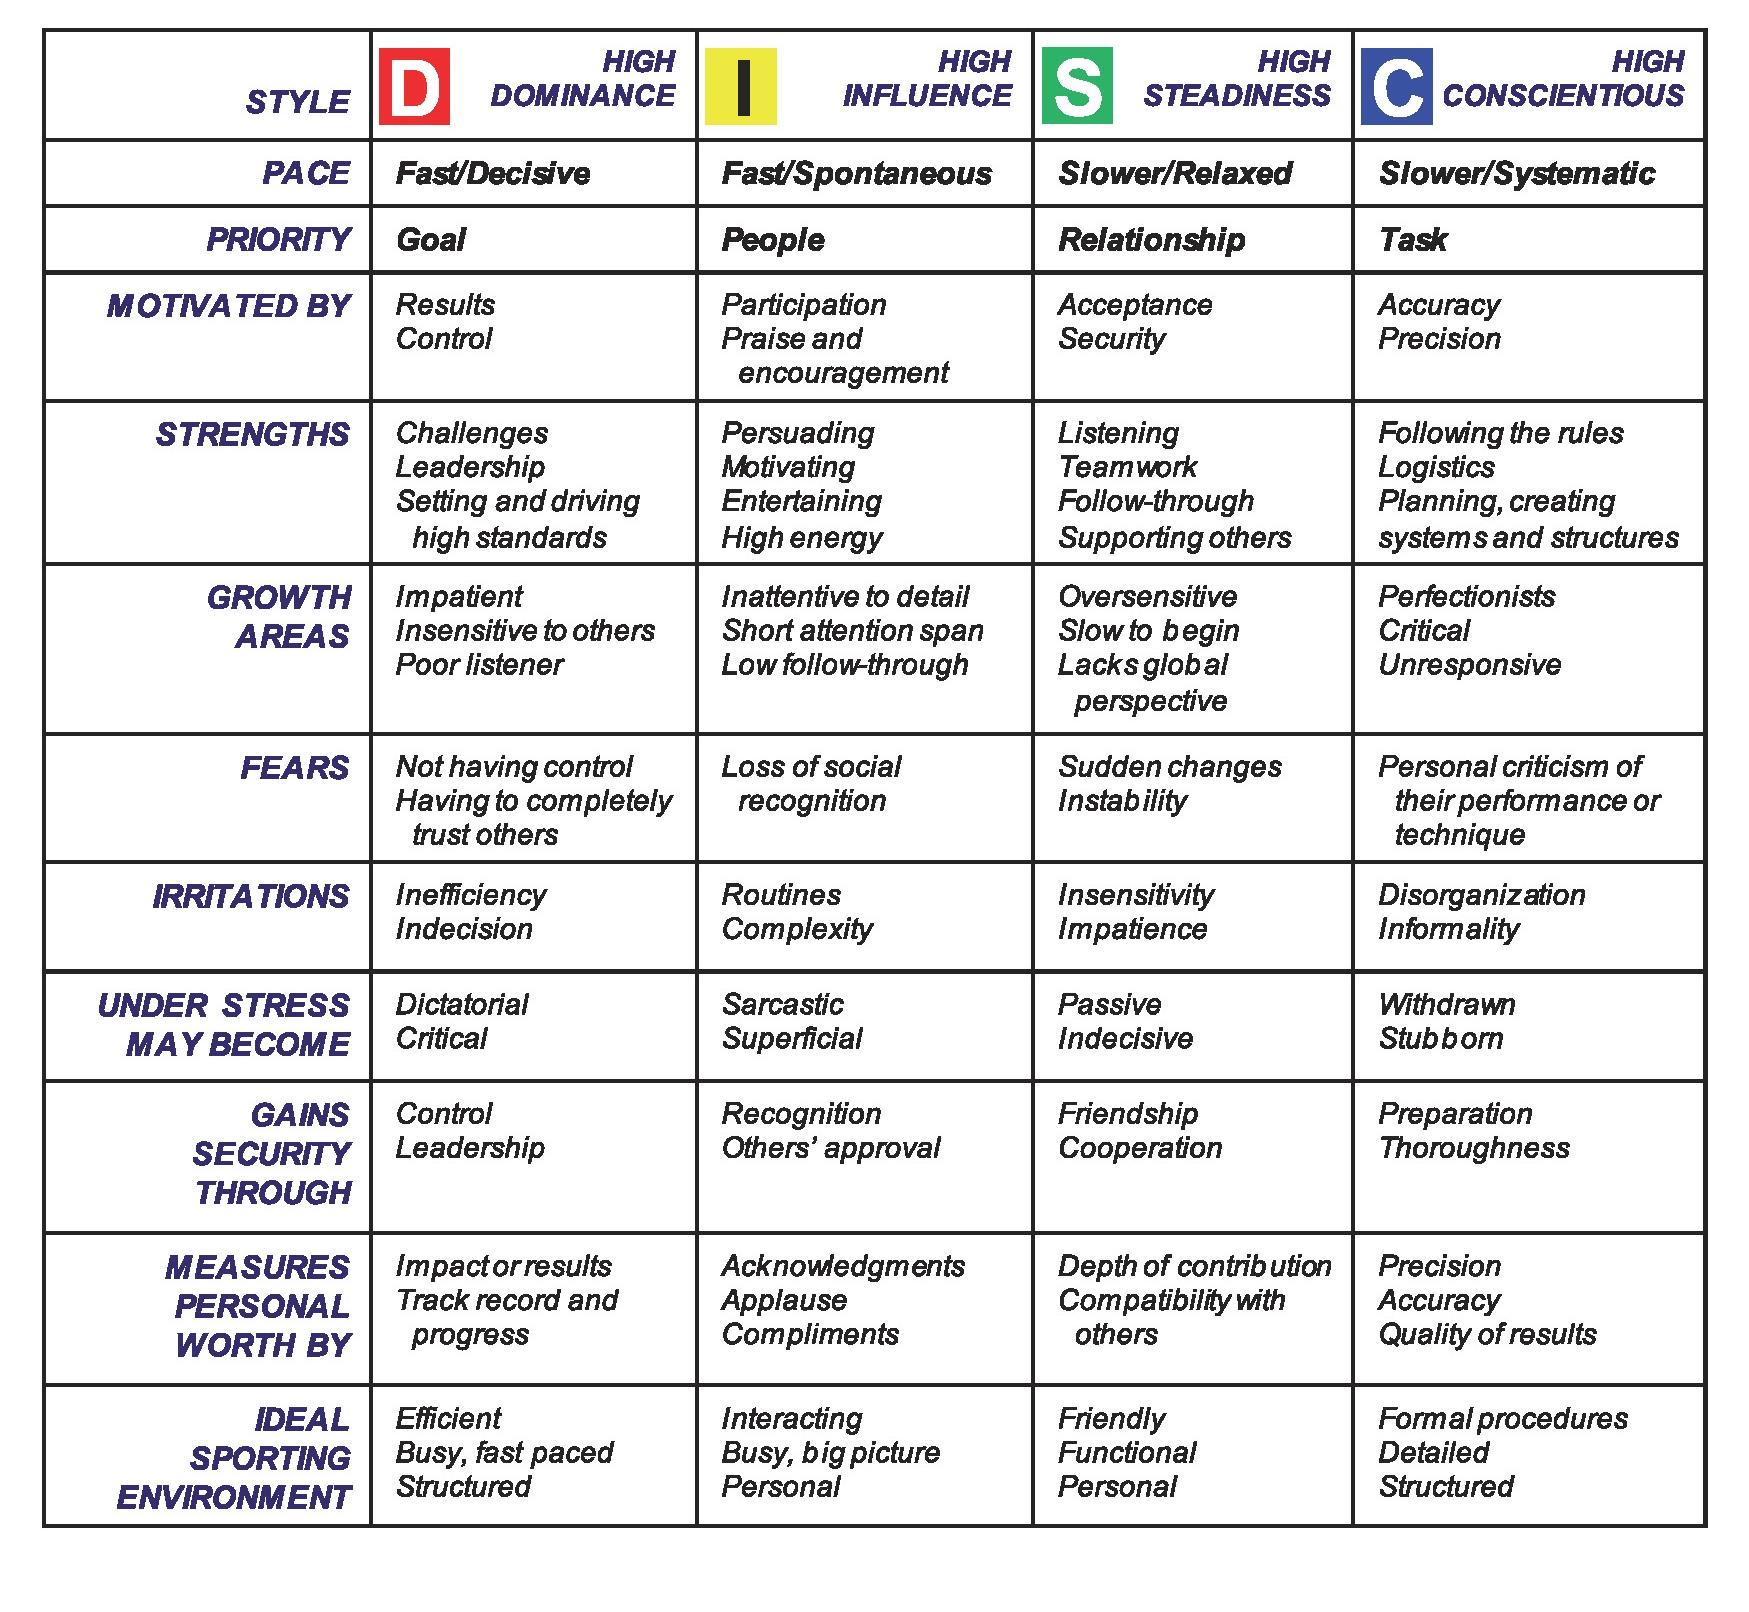 این عکس (منبع) ویژگیهای هرکدام از چهار ویژگی بالا را نشان میدهد.